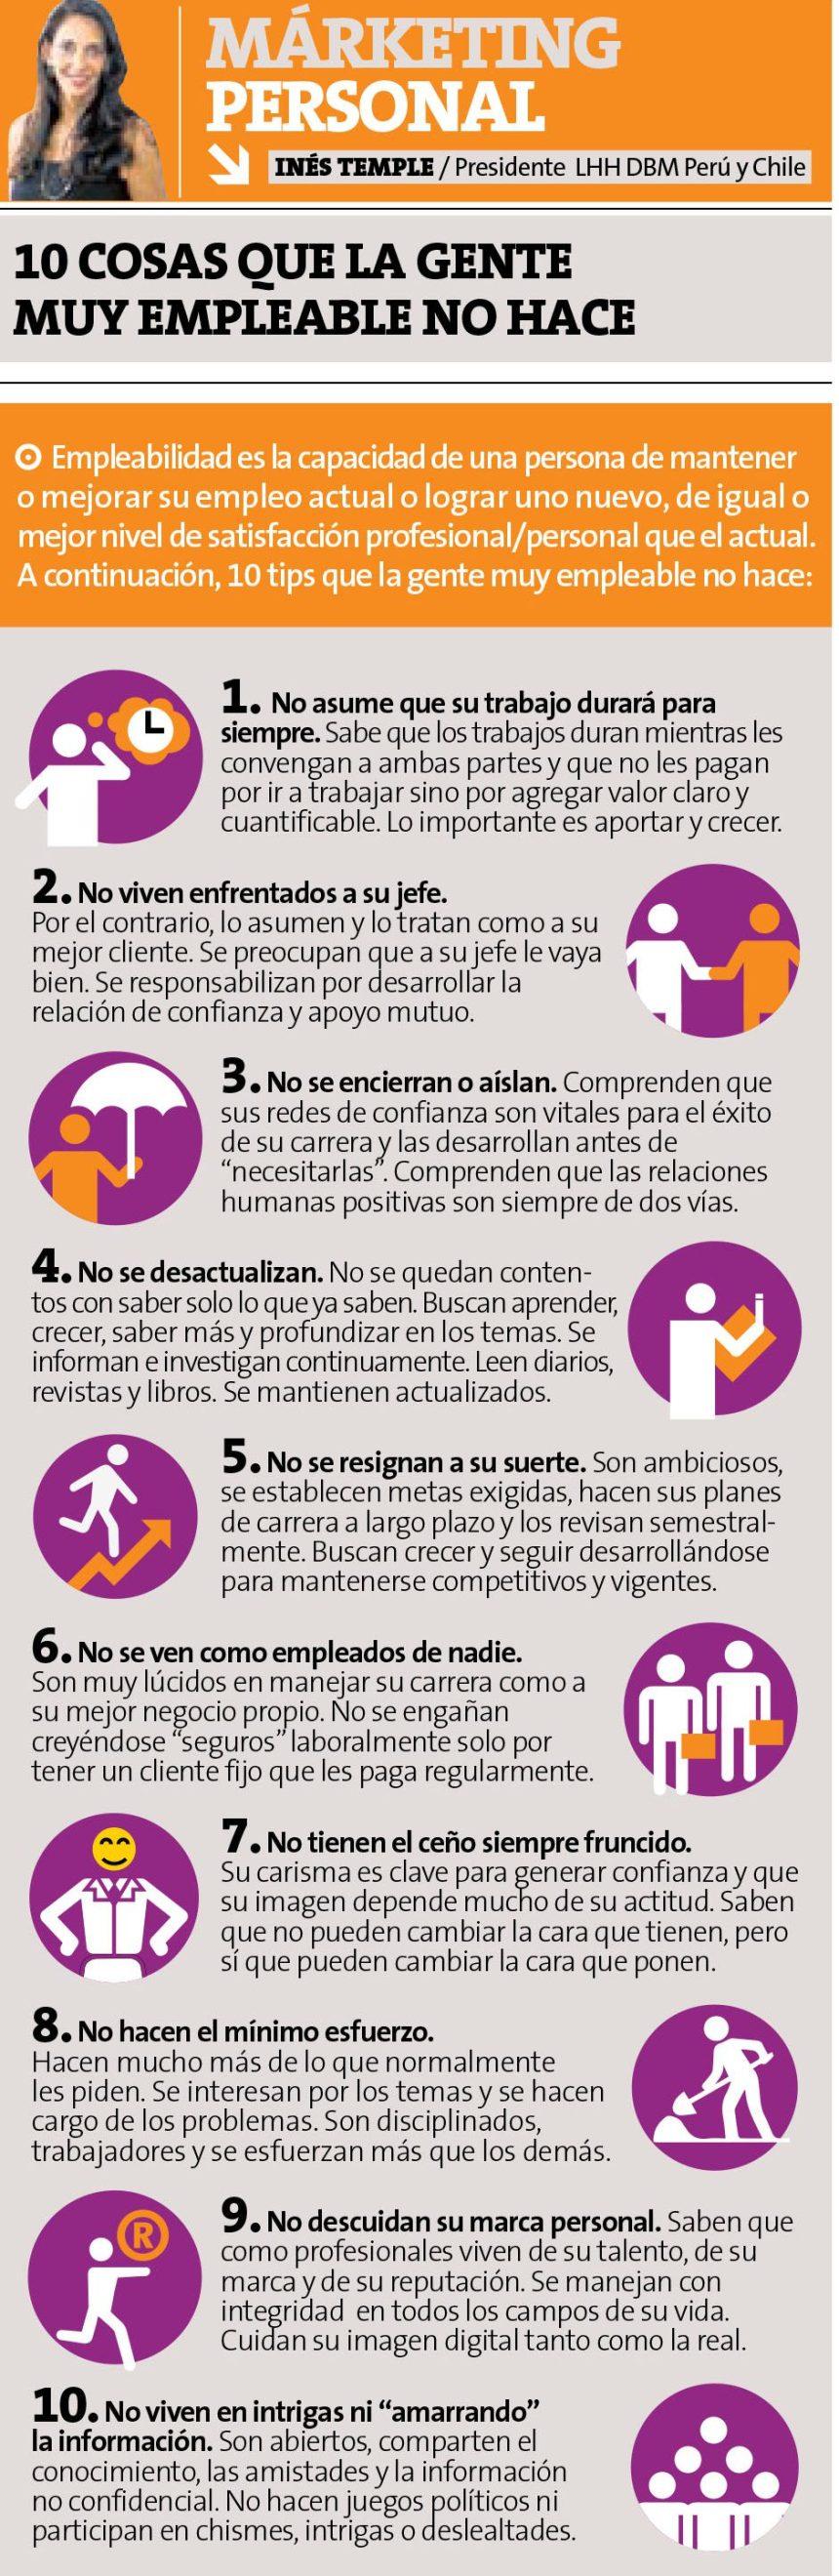 10 cosas que la gente Muy Empleable no hace